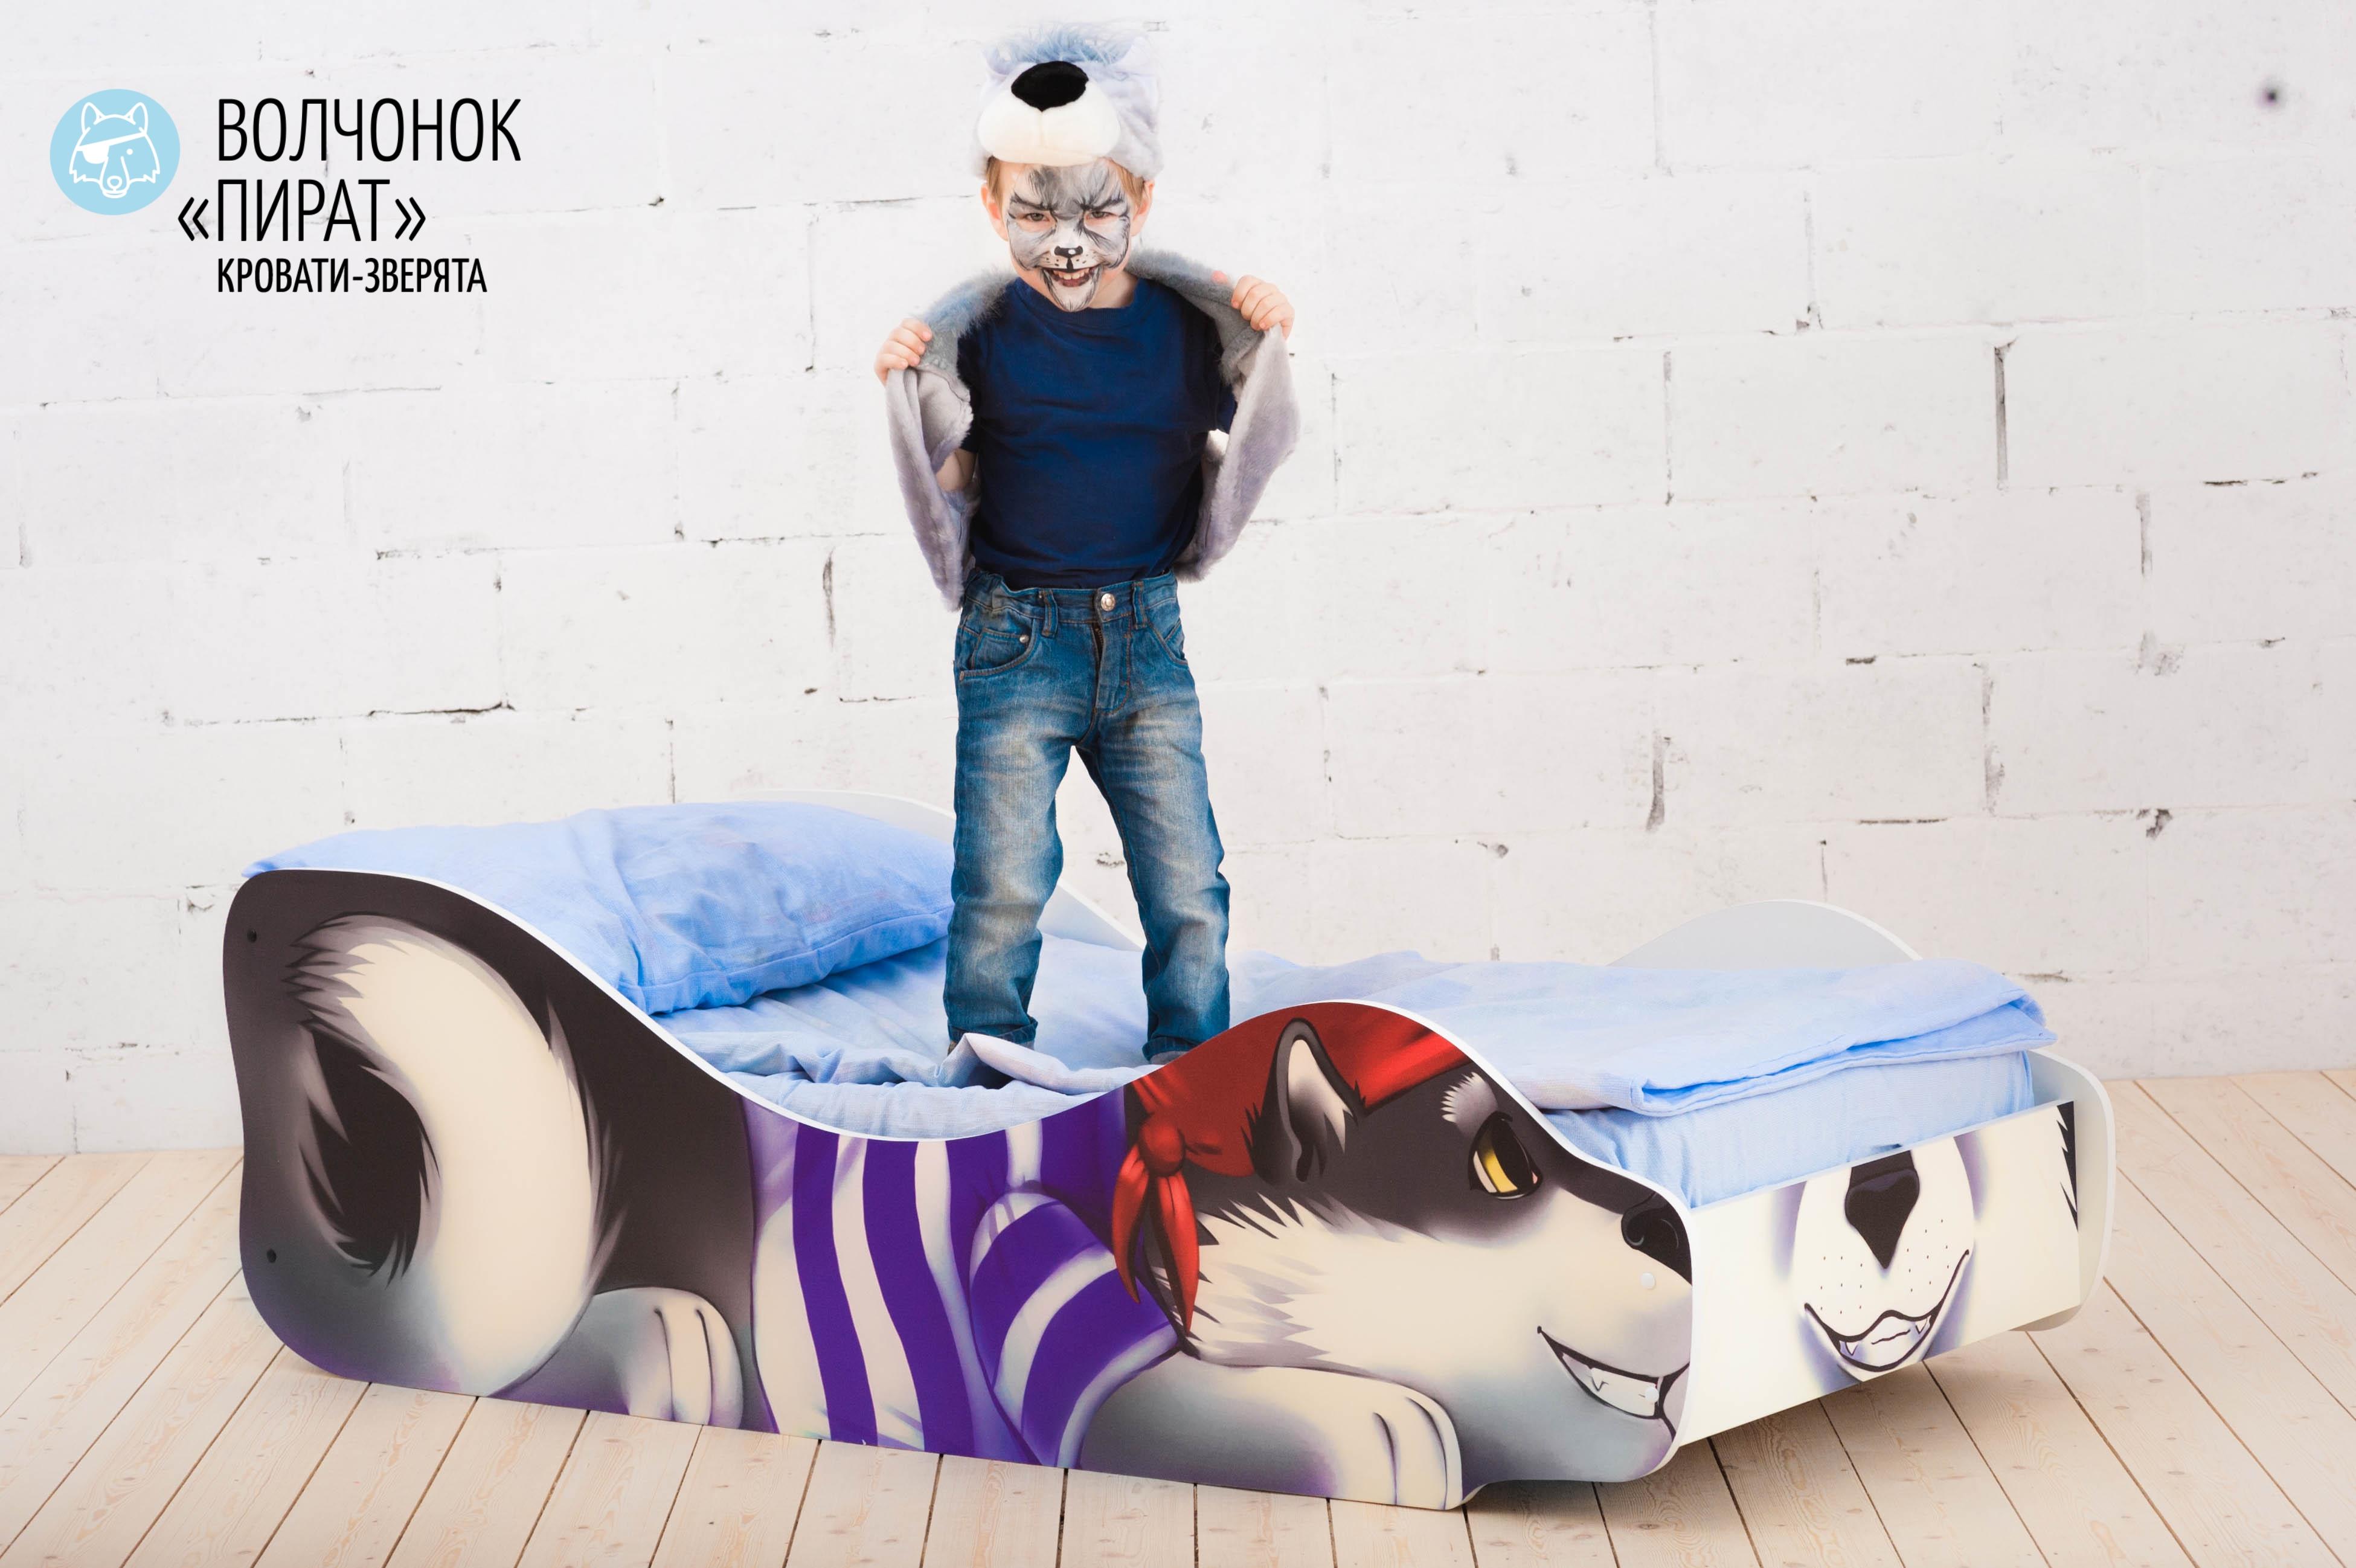 Детская кровать-зверенок -Волчонок-Пират-24